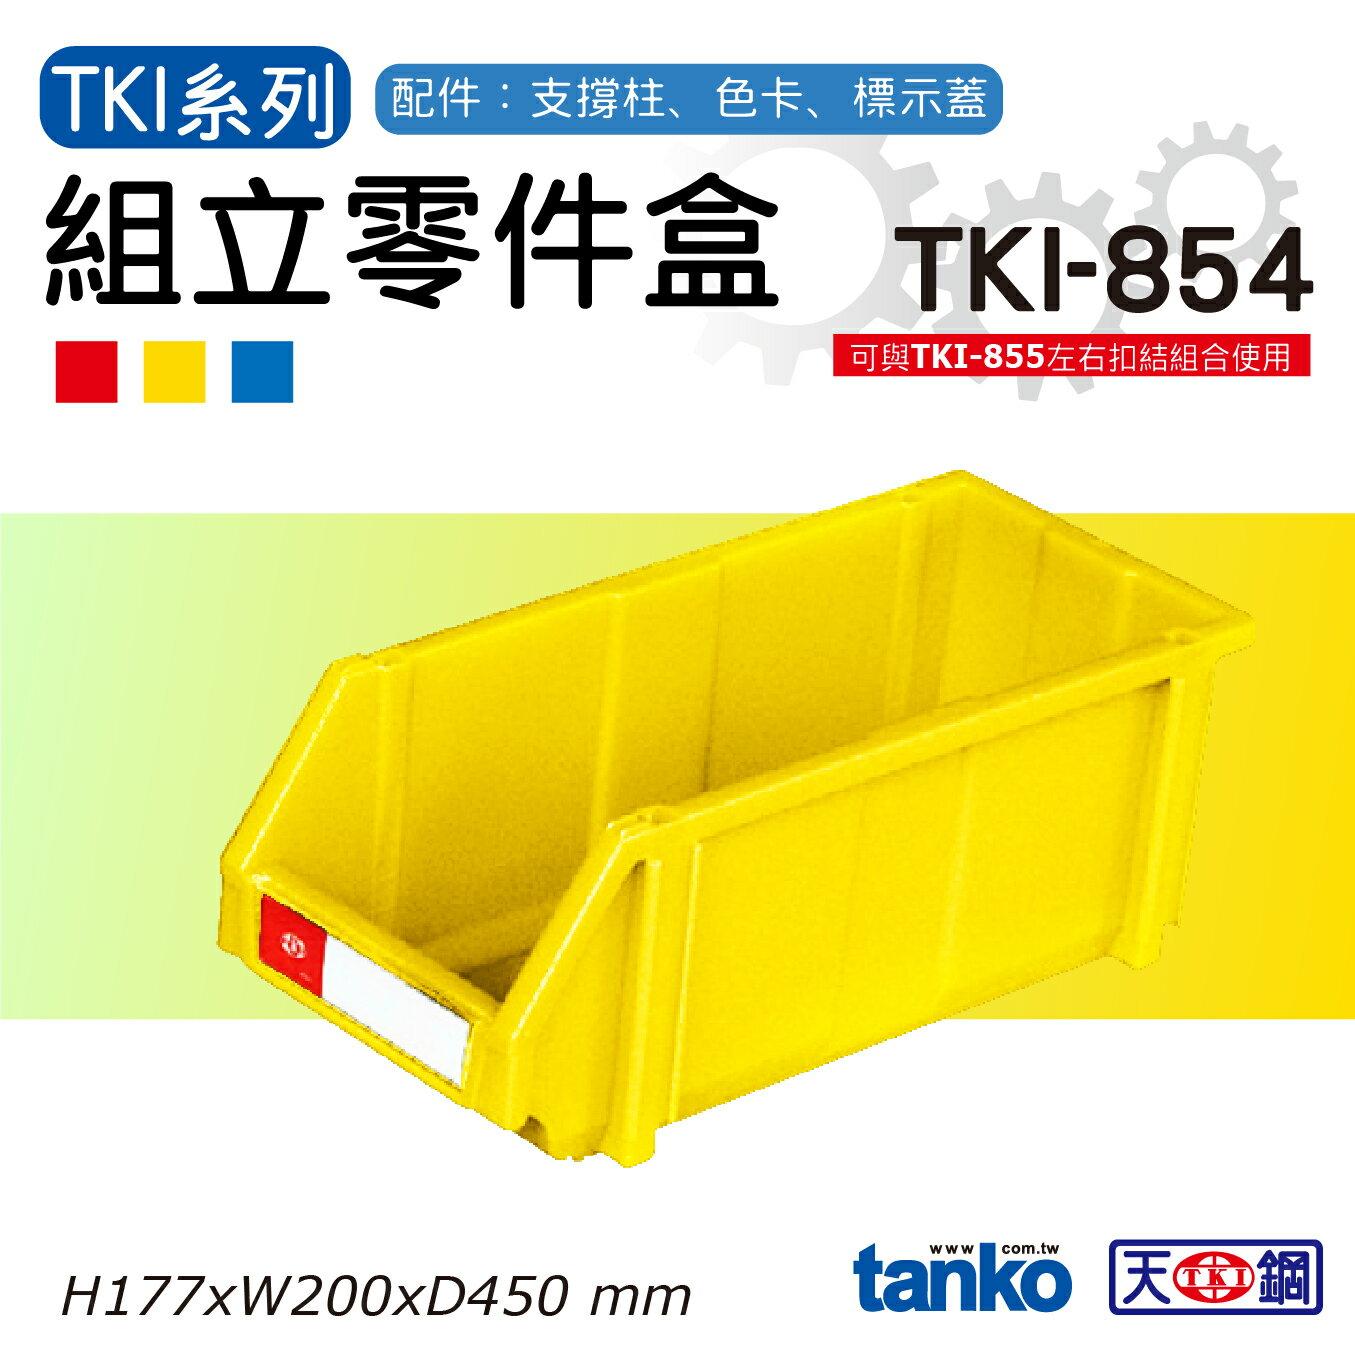 天鋼(共三色可選)★黃色★ TKI-854 組立零件盒天鋼(單入) 耐衝擊分類盒 零件盒 分類箱 工業用 零件收納